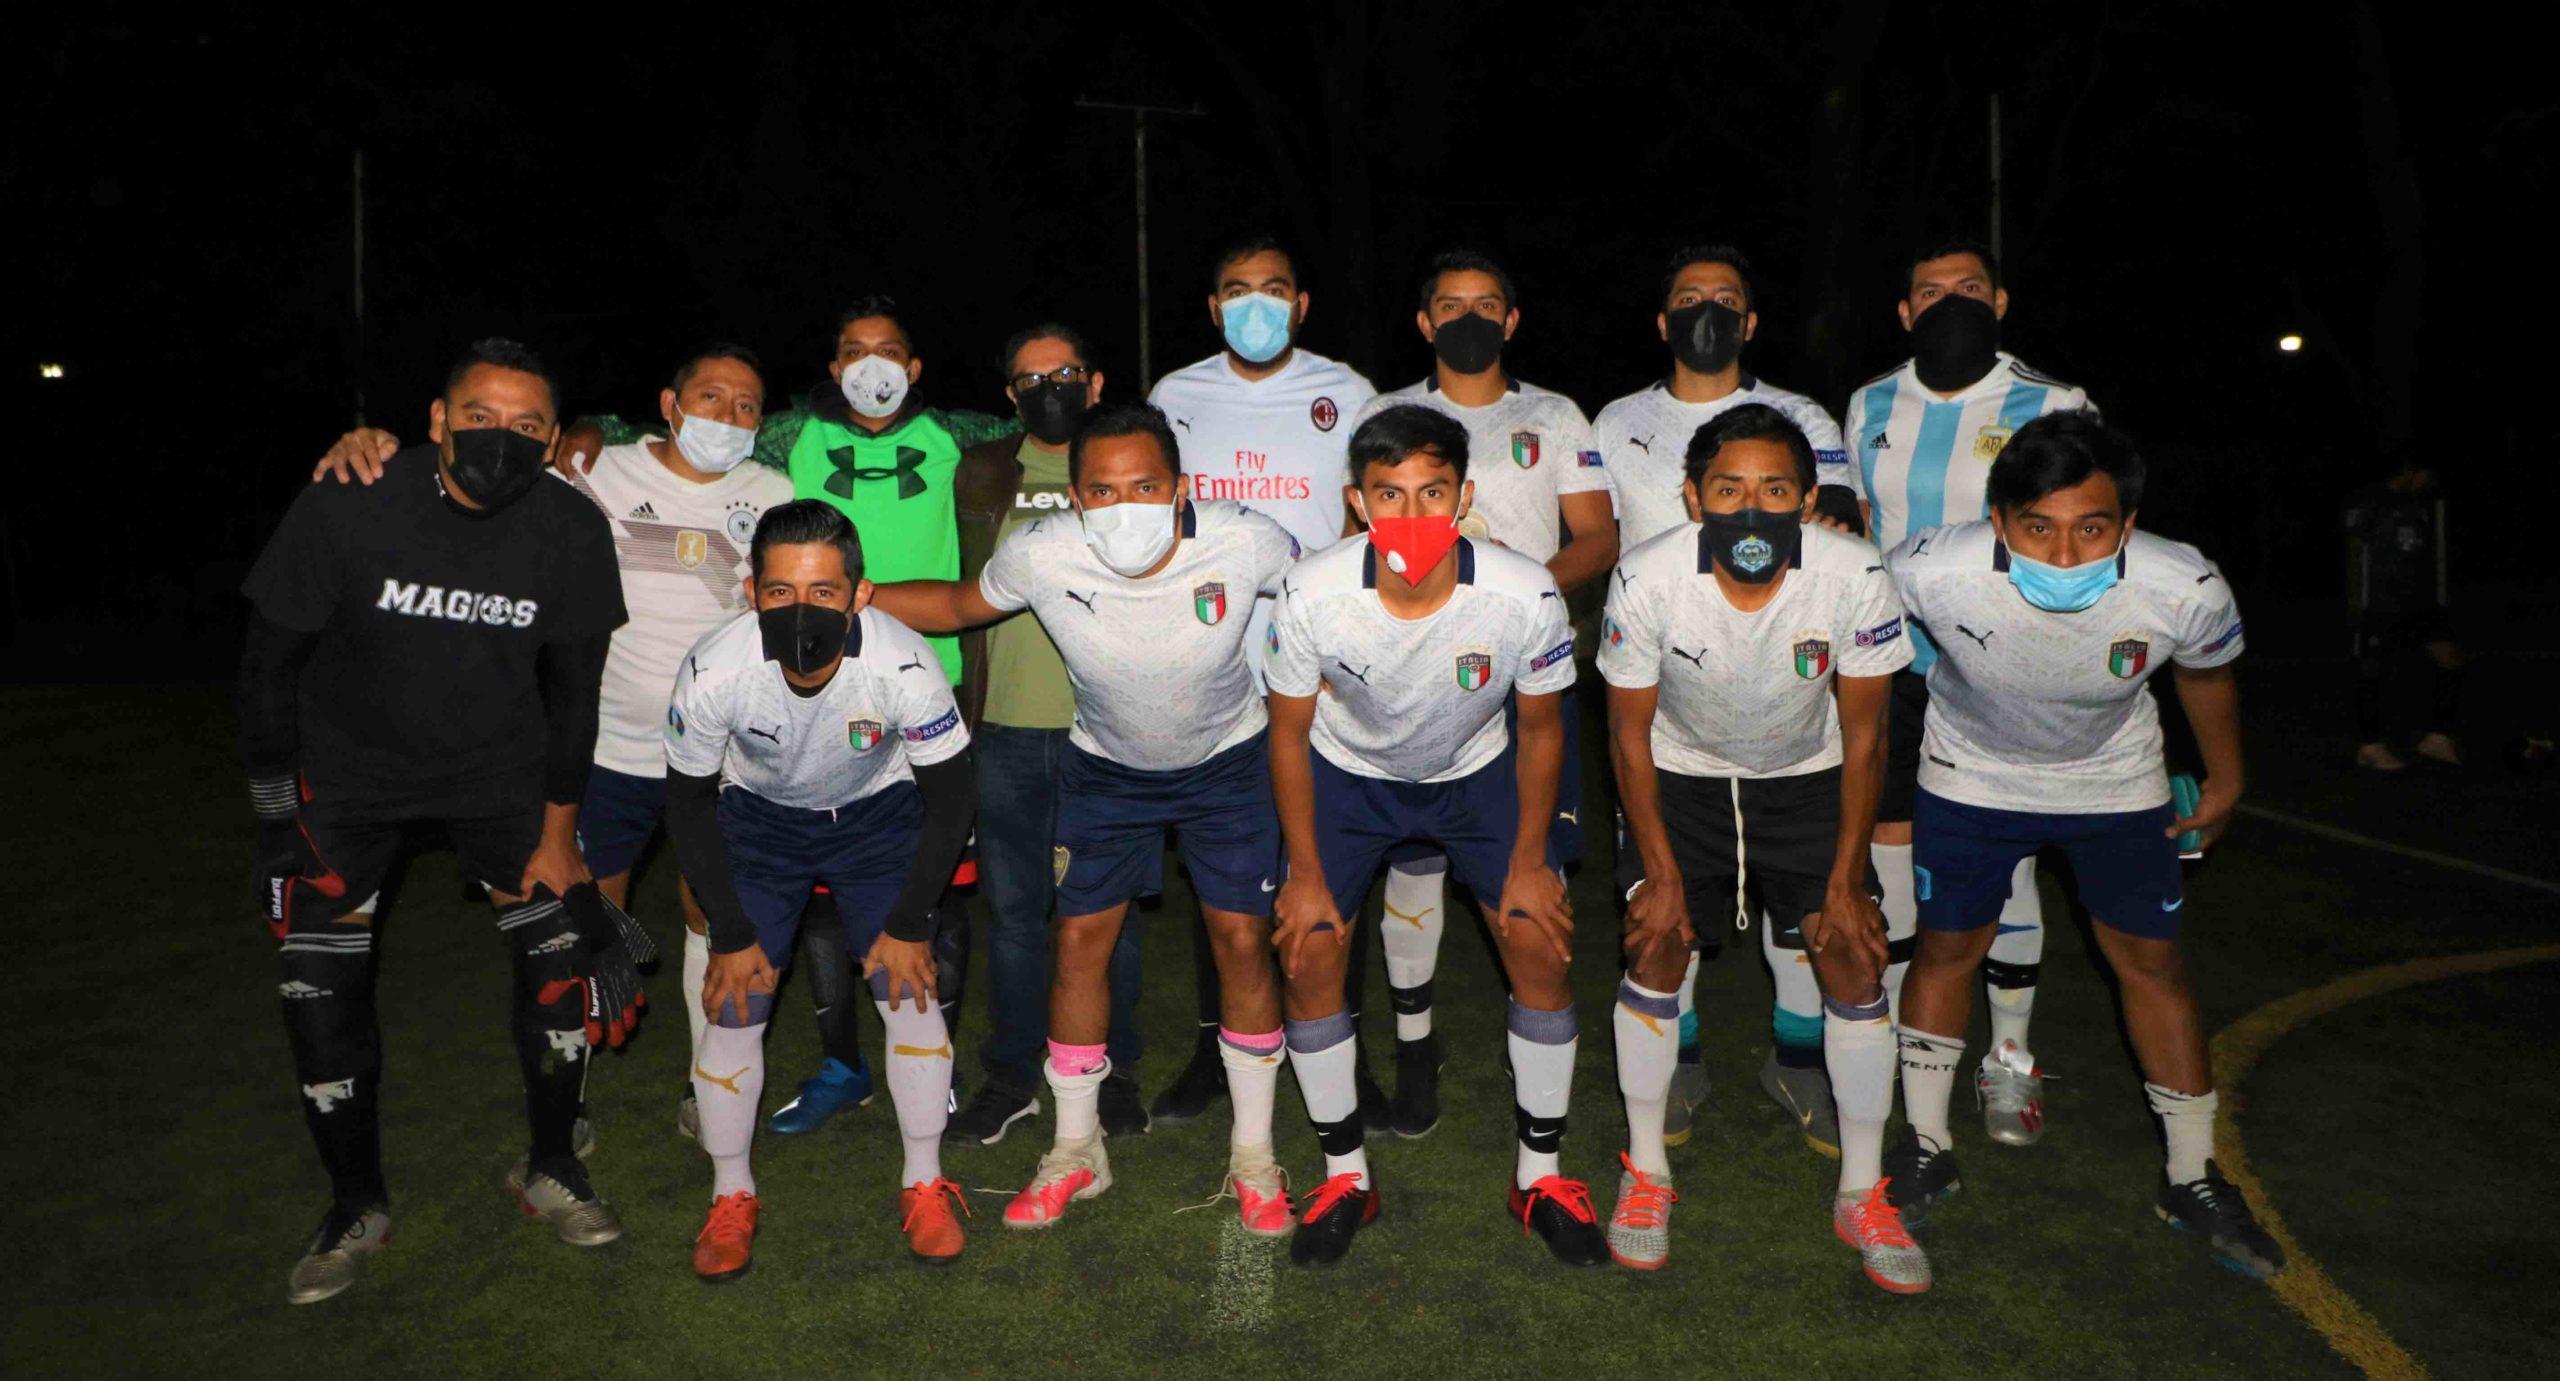 Magios campeón de  la liga 7 por goliza | El Imparcial de Oaxaca